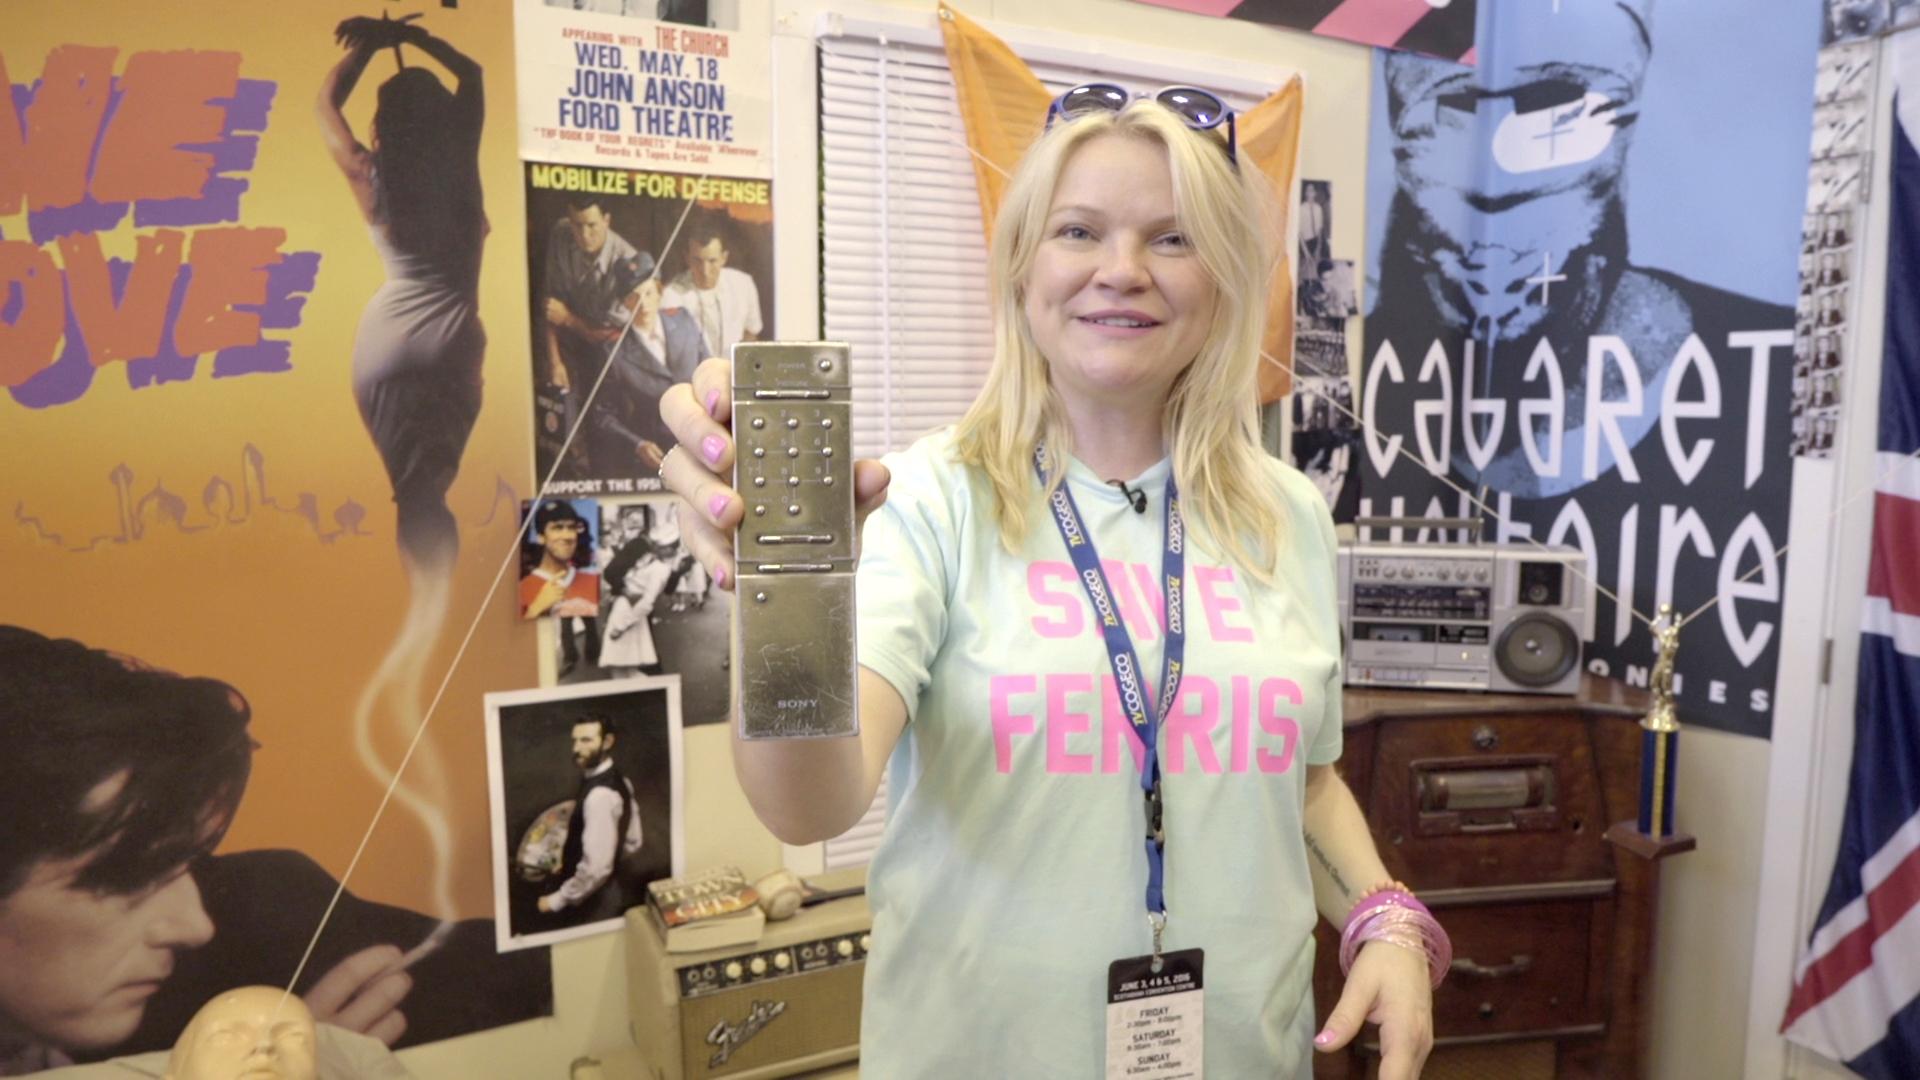 Artist Sarah Keenlyside in Ferris's Room on Hollywood Suite